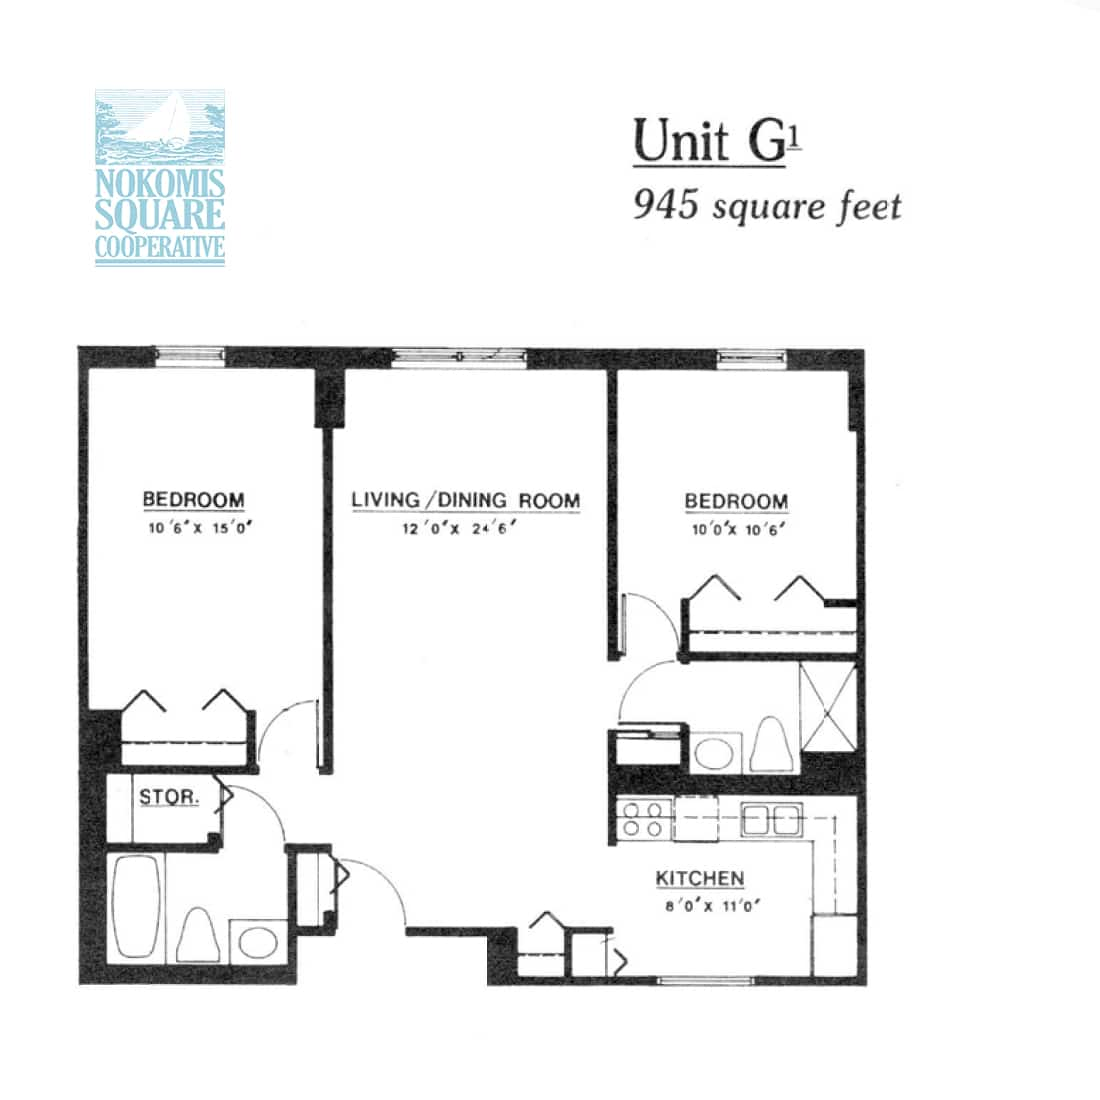 2 br Floorplan Unit G1 - Nokomis Square Senior Cooperative